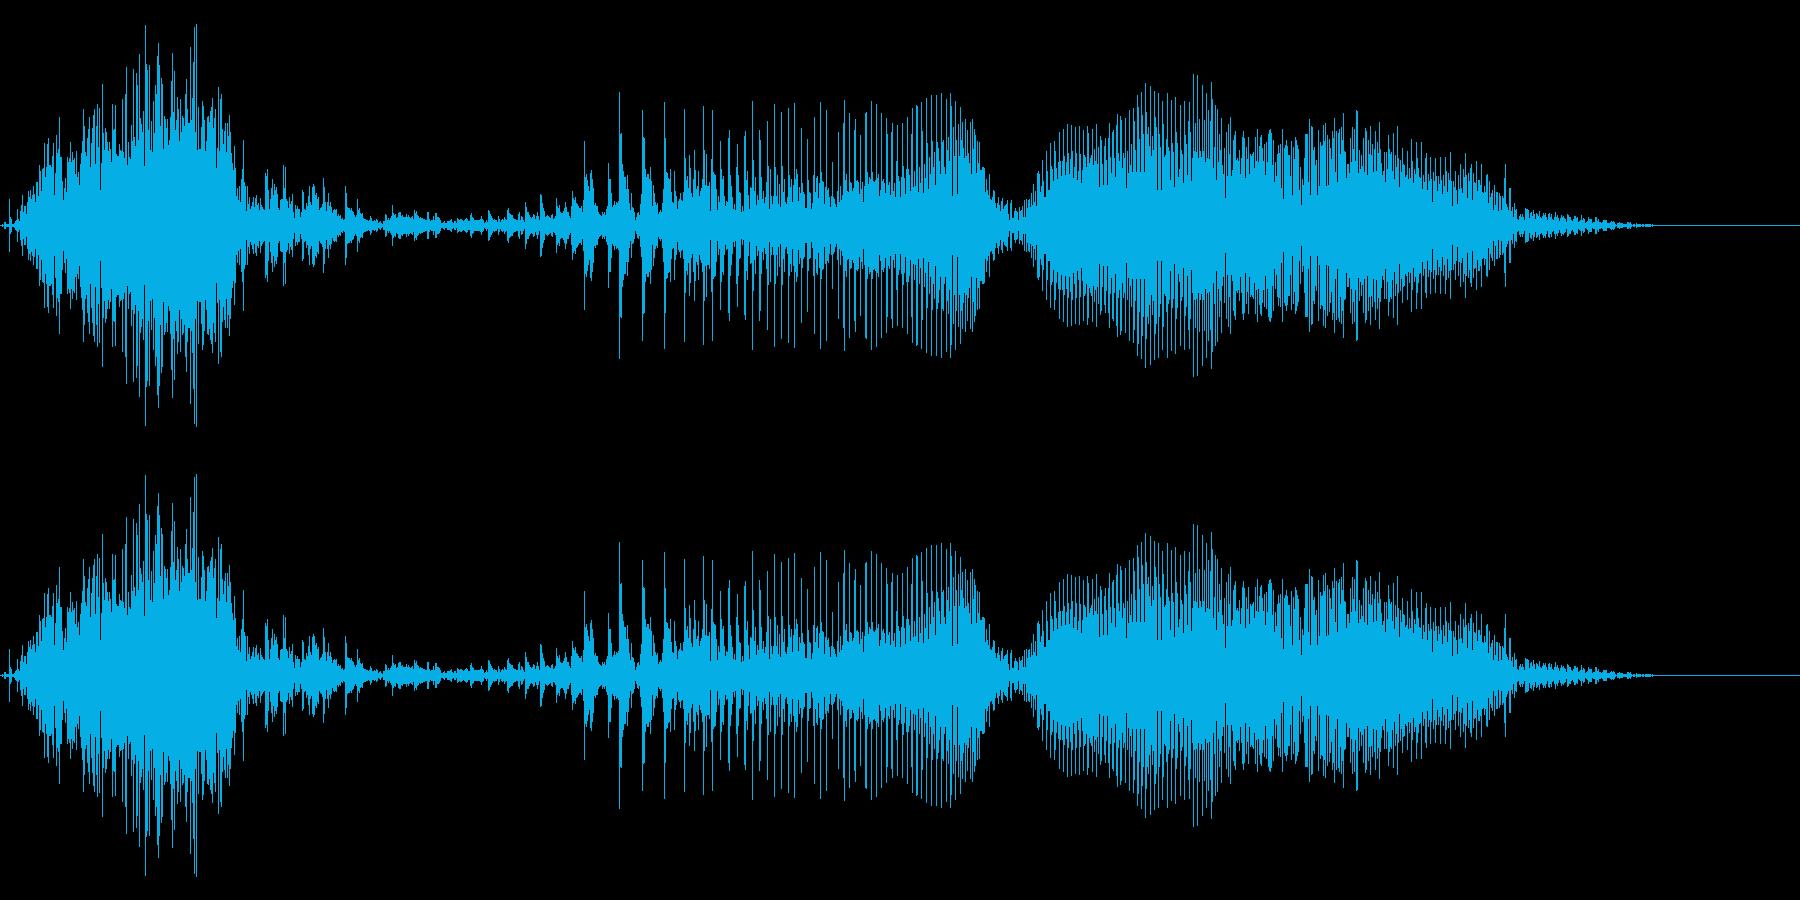 ちぇりあぁ!!(攻撃・掛け声)の再生済みの波形